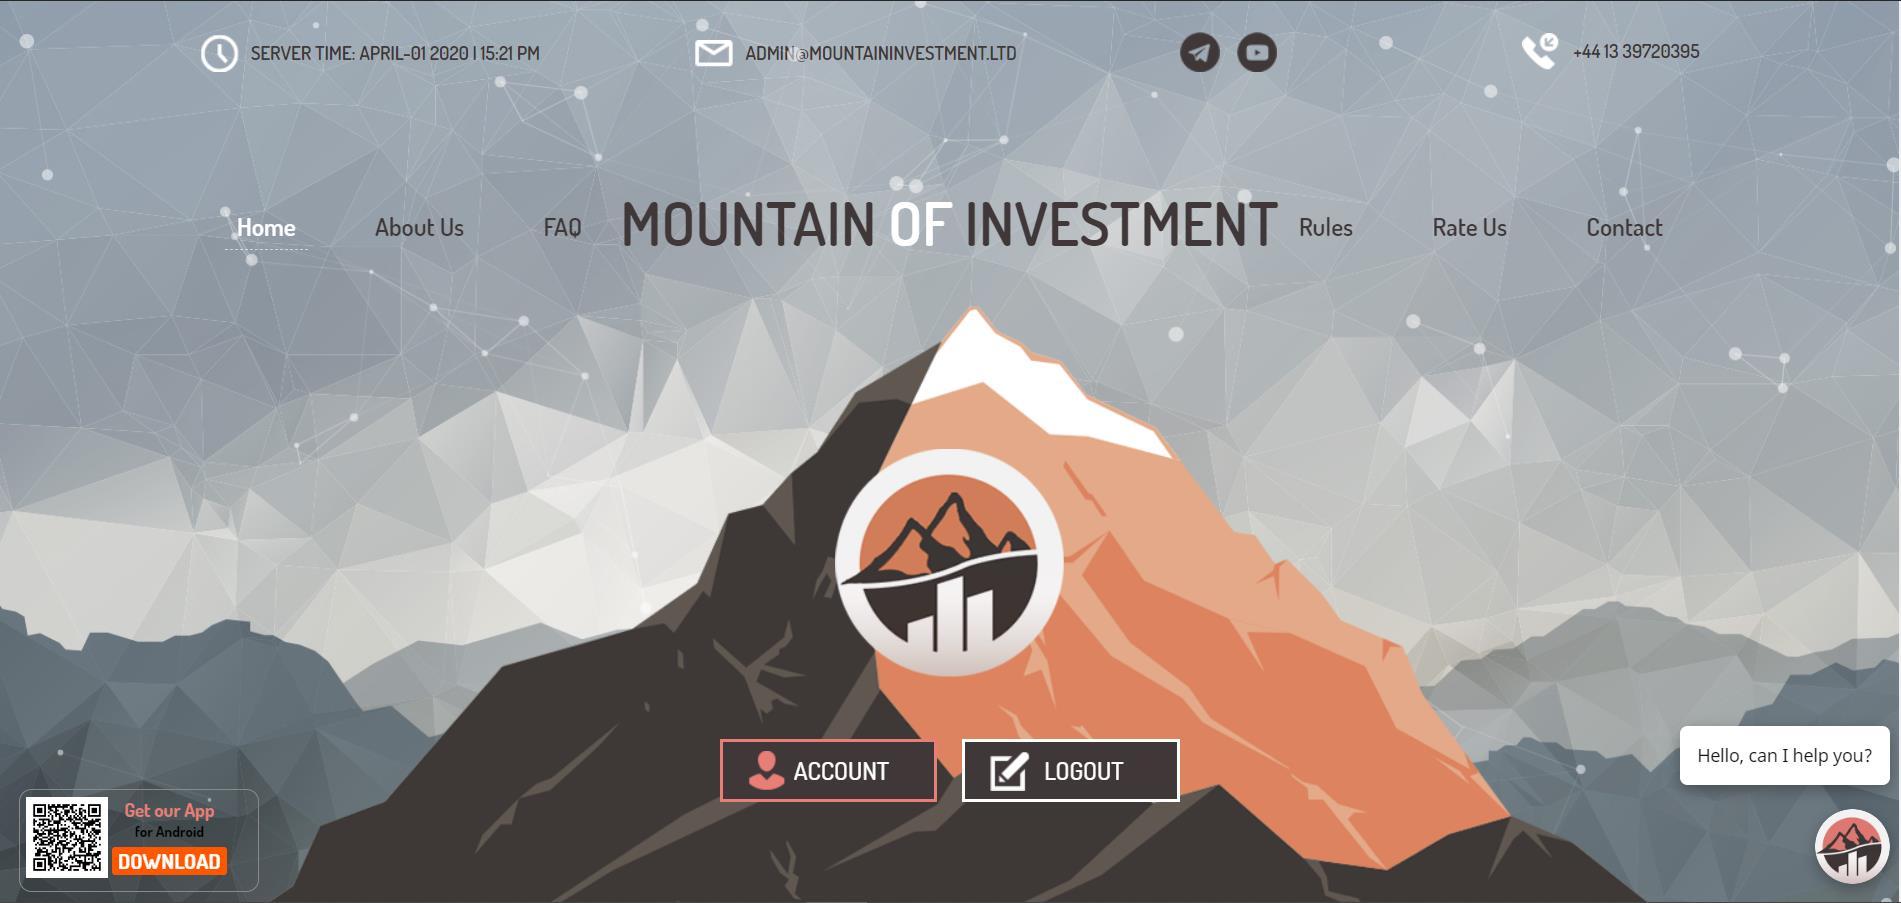 Mountaininvestment